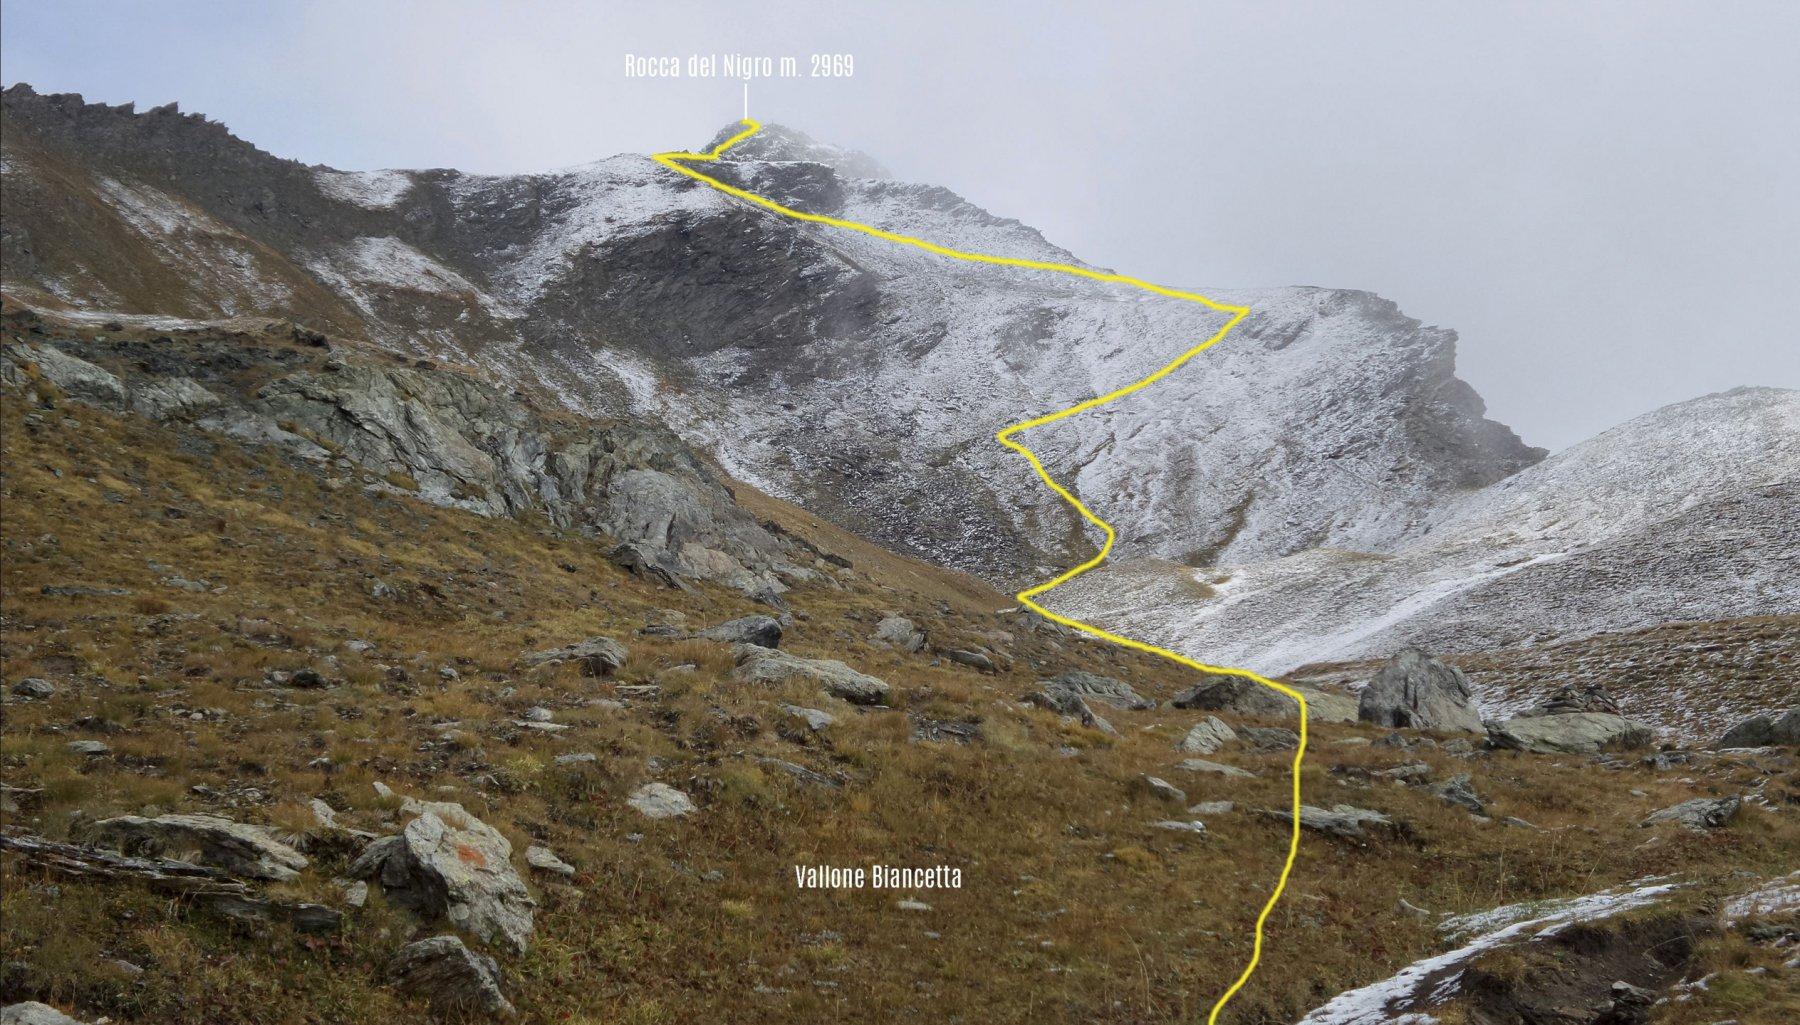 l'itinerario di salita osservato dalla prima parte del Vallone Biancetta